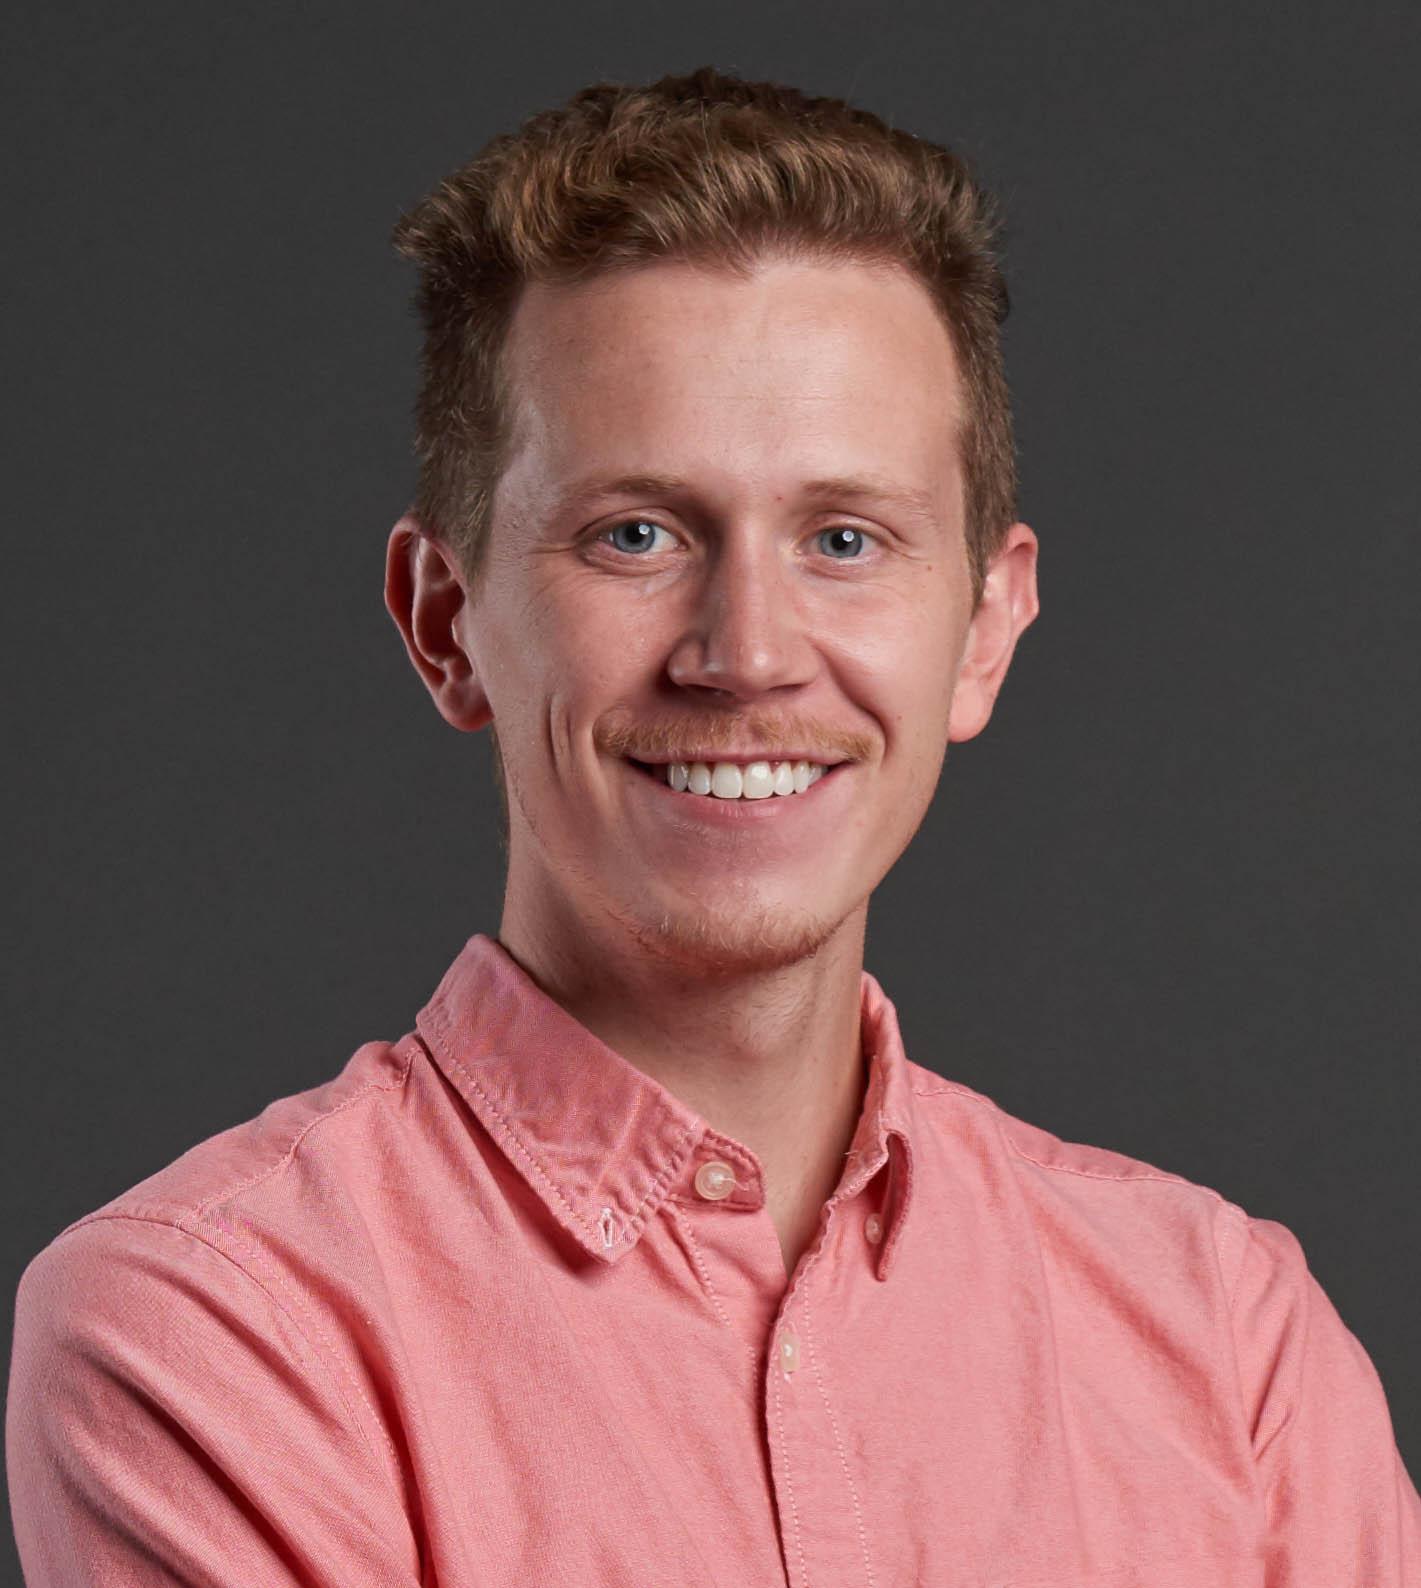 Cameron Merrill